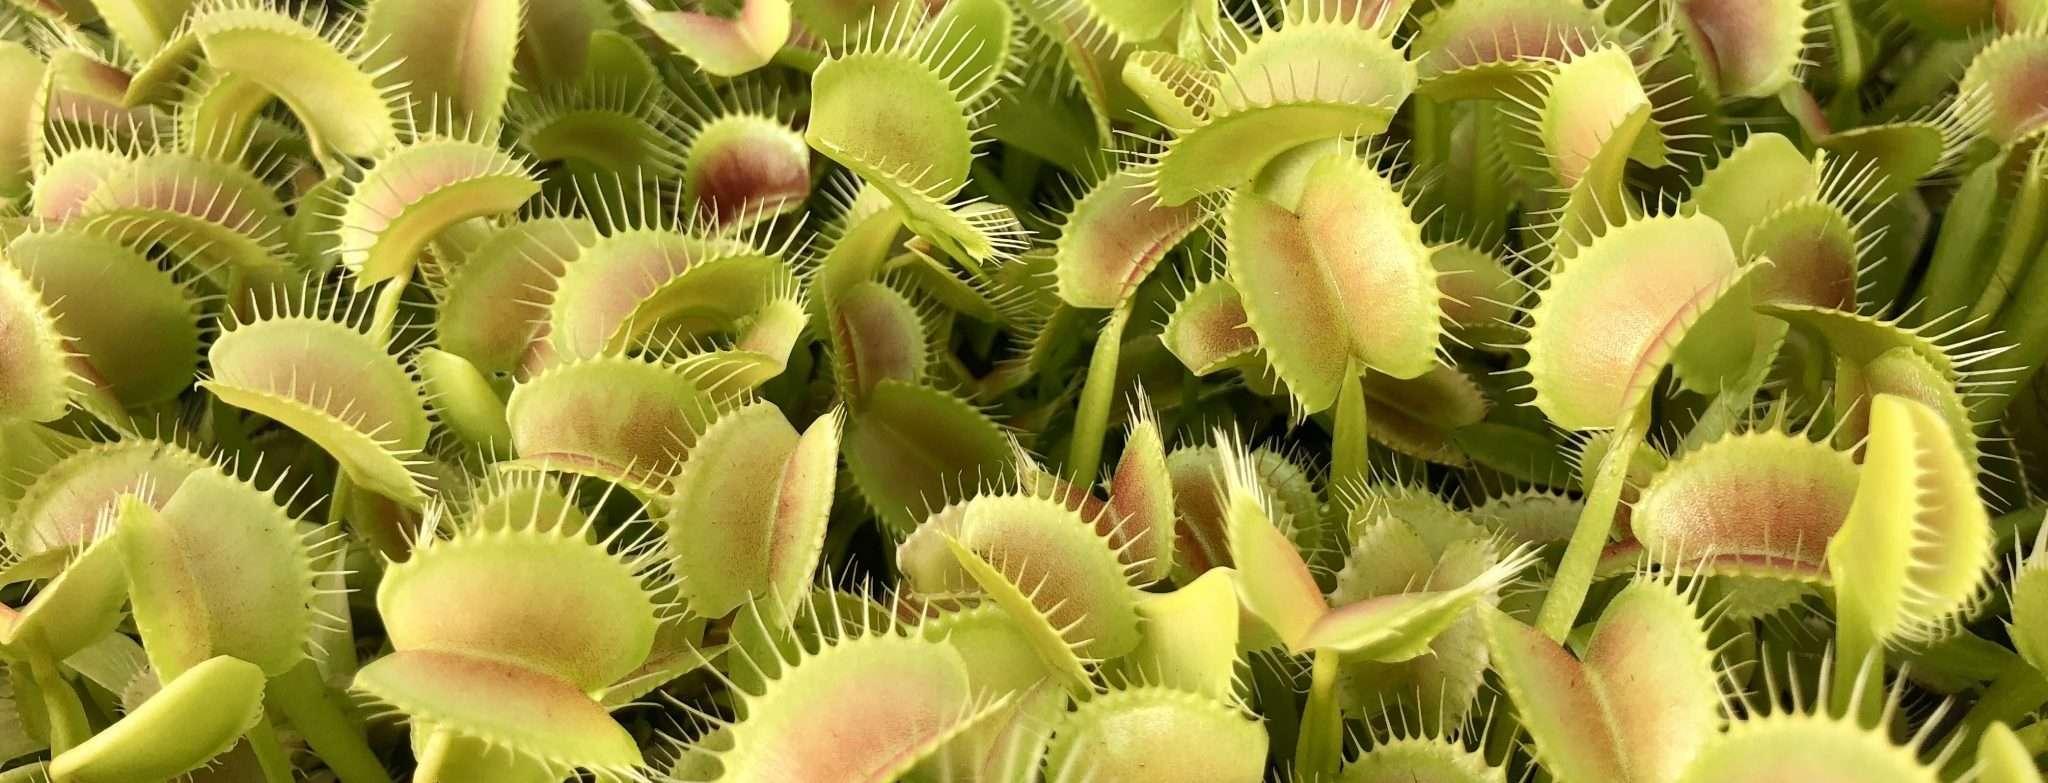 Venus flytrap terminology